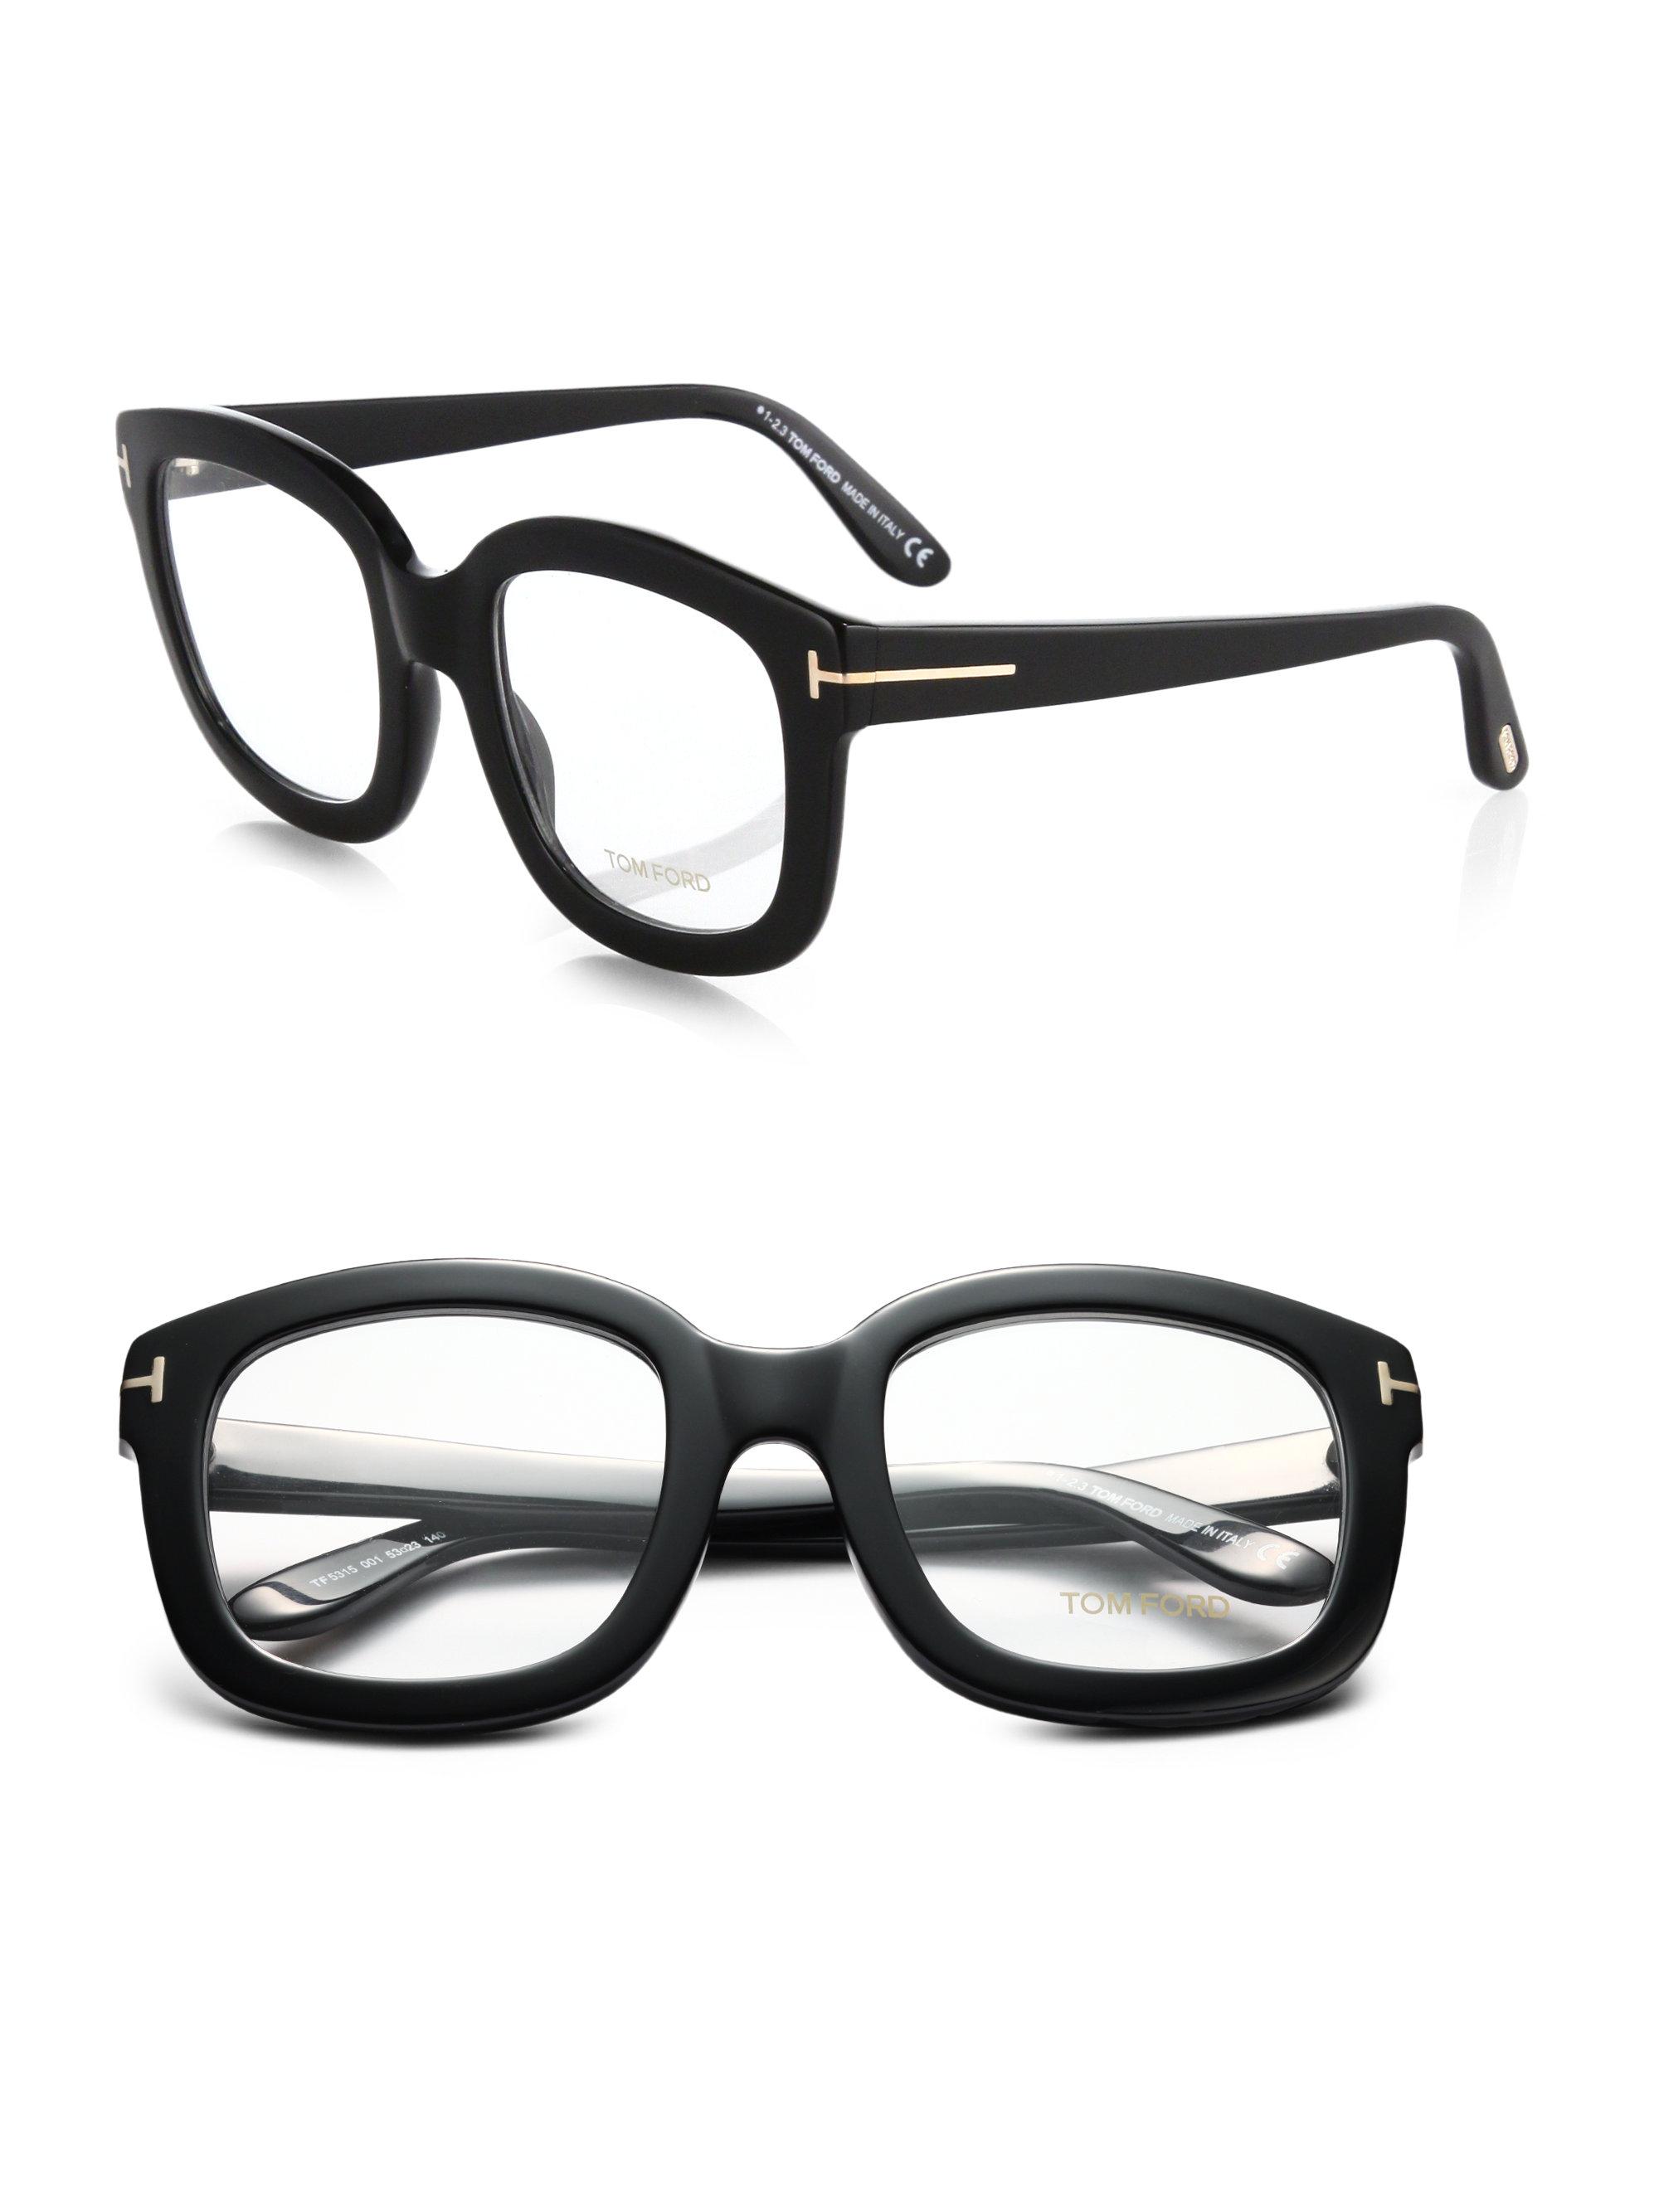 Lyst - Tom Ford Oversized Acetate Eye Glasses in Black